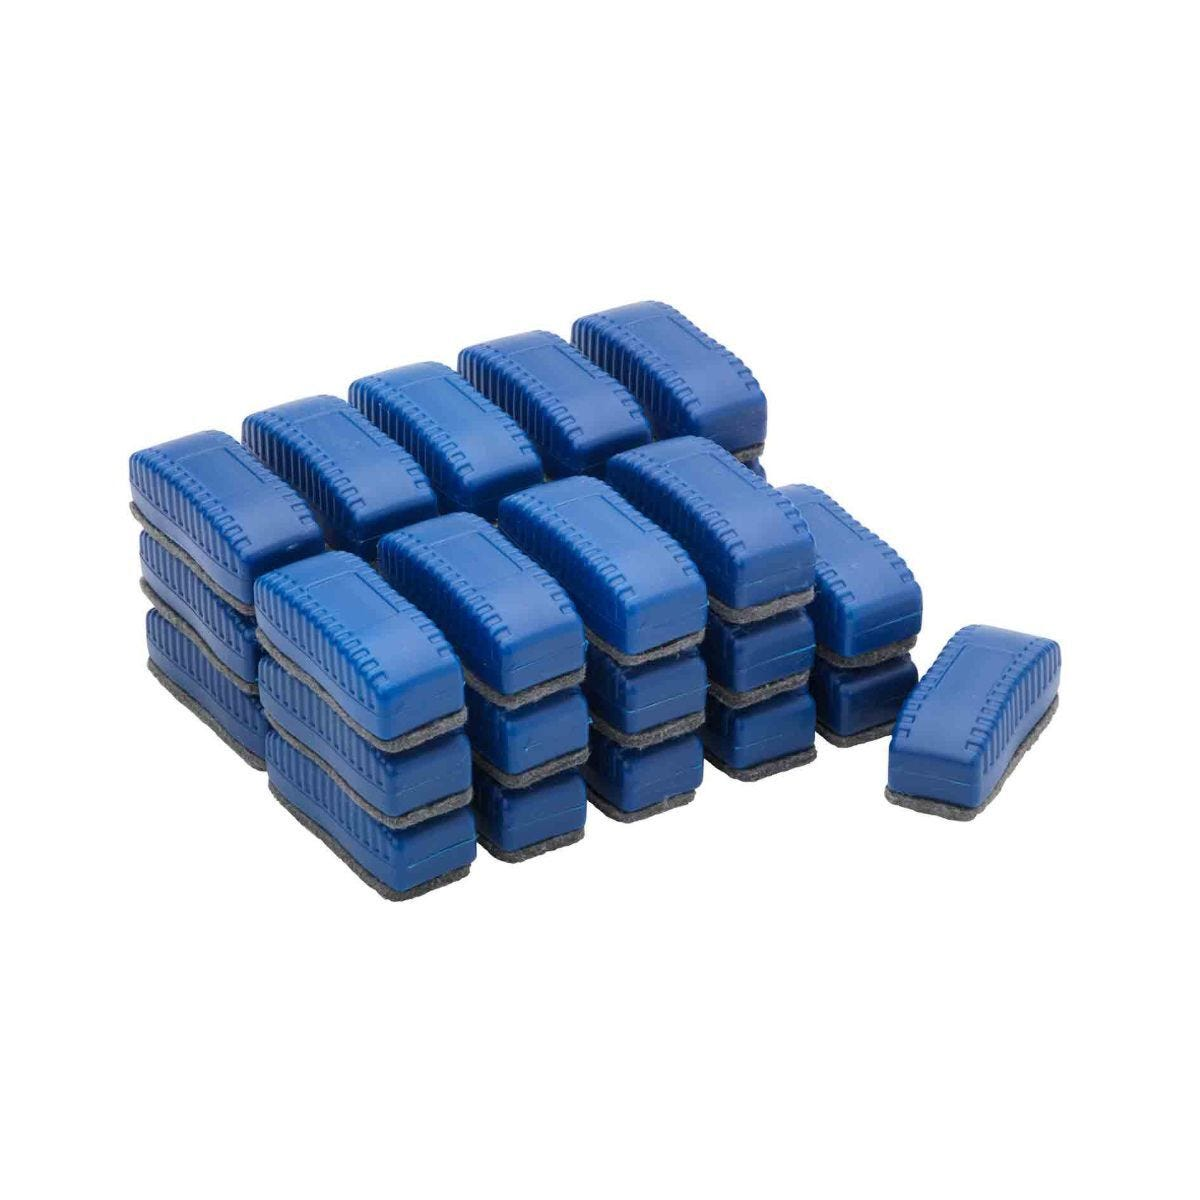 Magnetic Whiteboard Eraser Mini